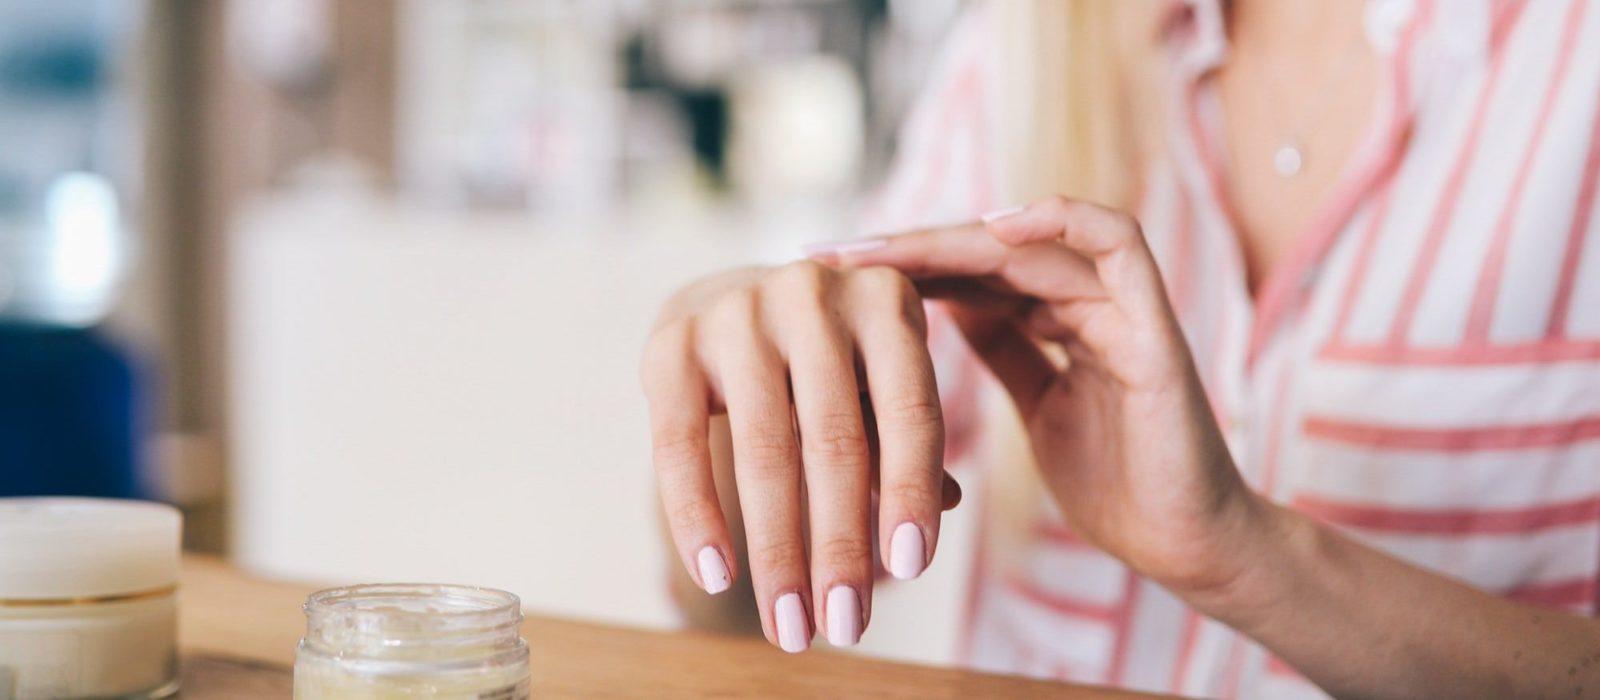 Symbolbild Kosmetik zeigt eine Frau, die eine Feuchtigkeitscreme auf die Hand aufträgt